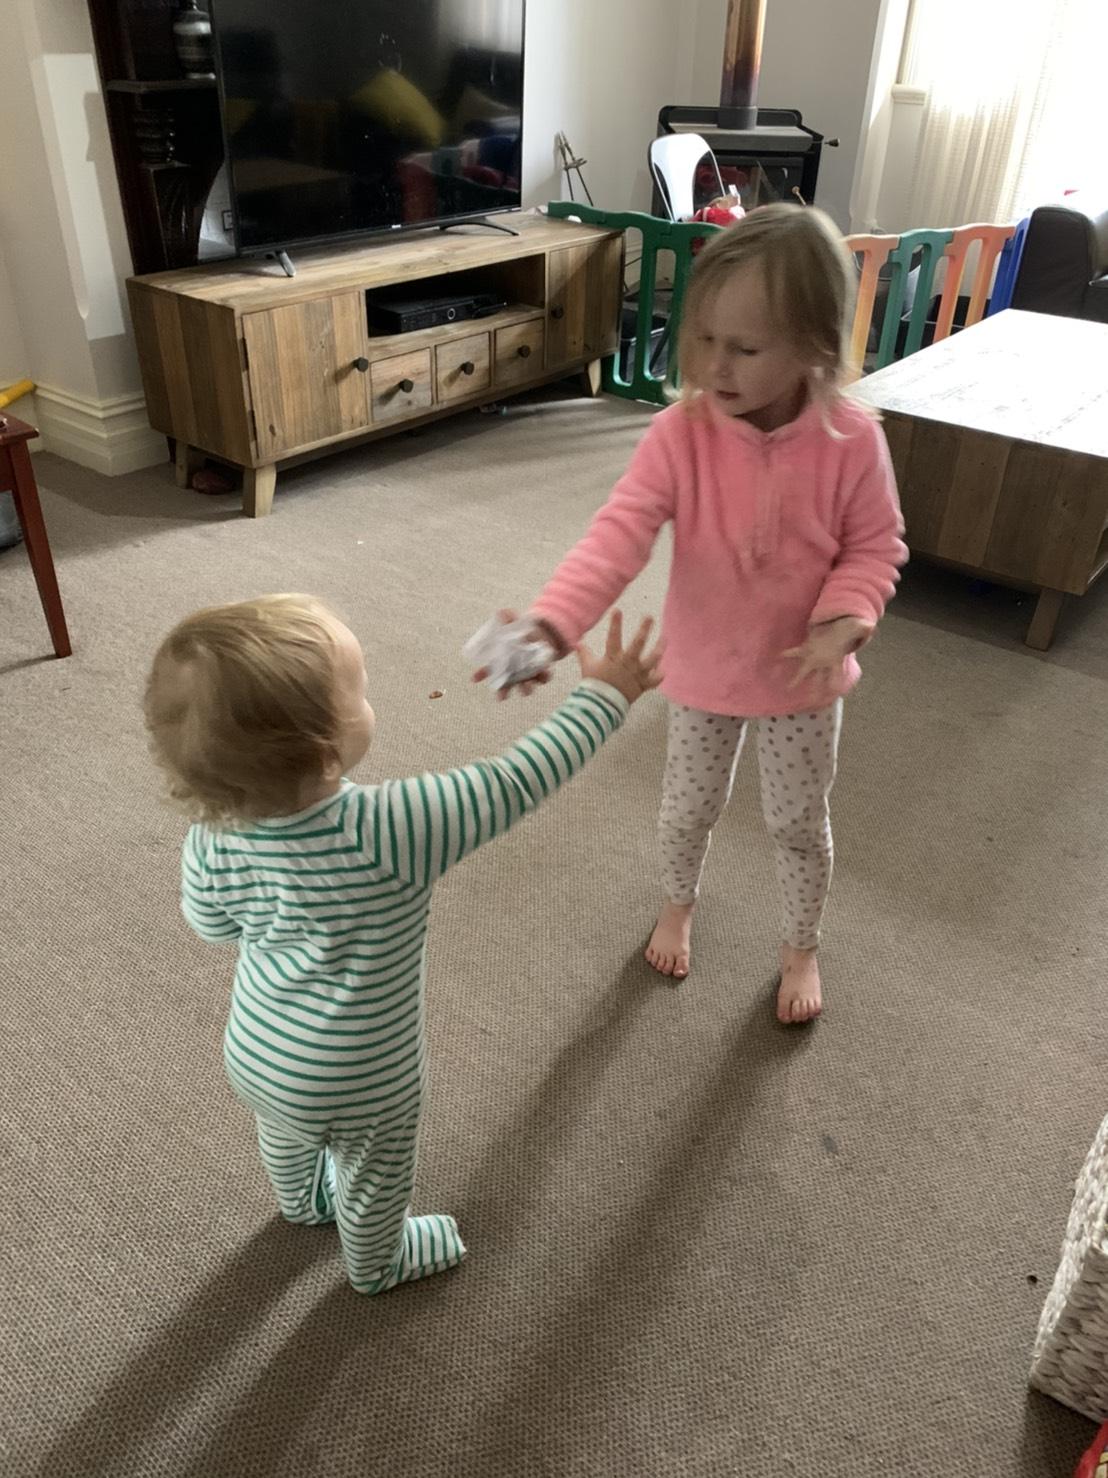 オーペアストレスがたまること、子供を叱る